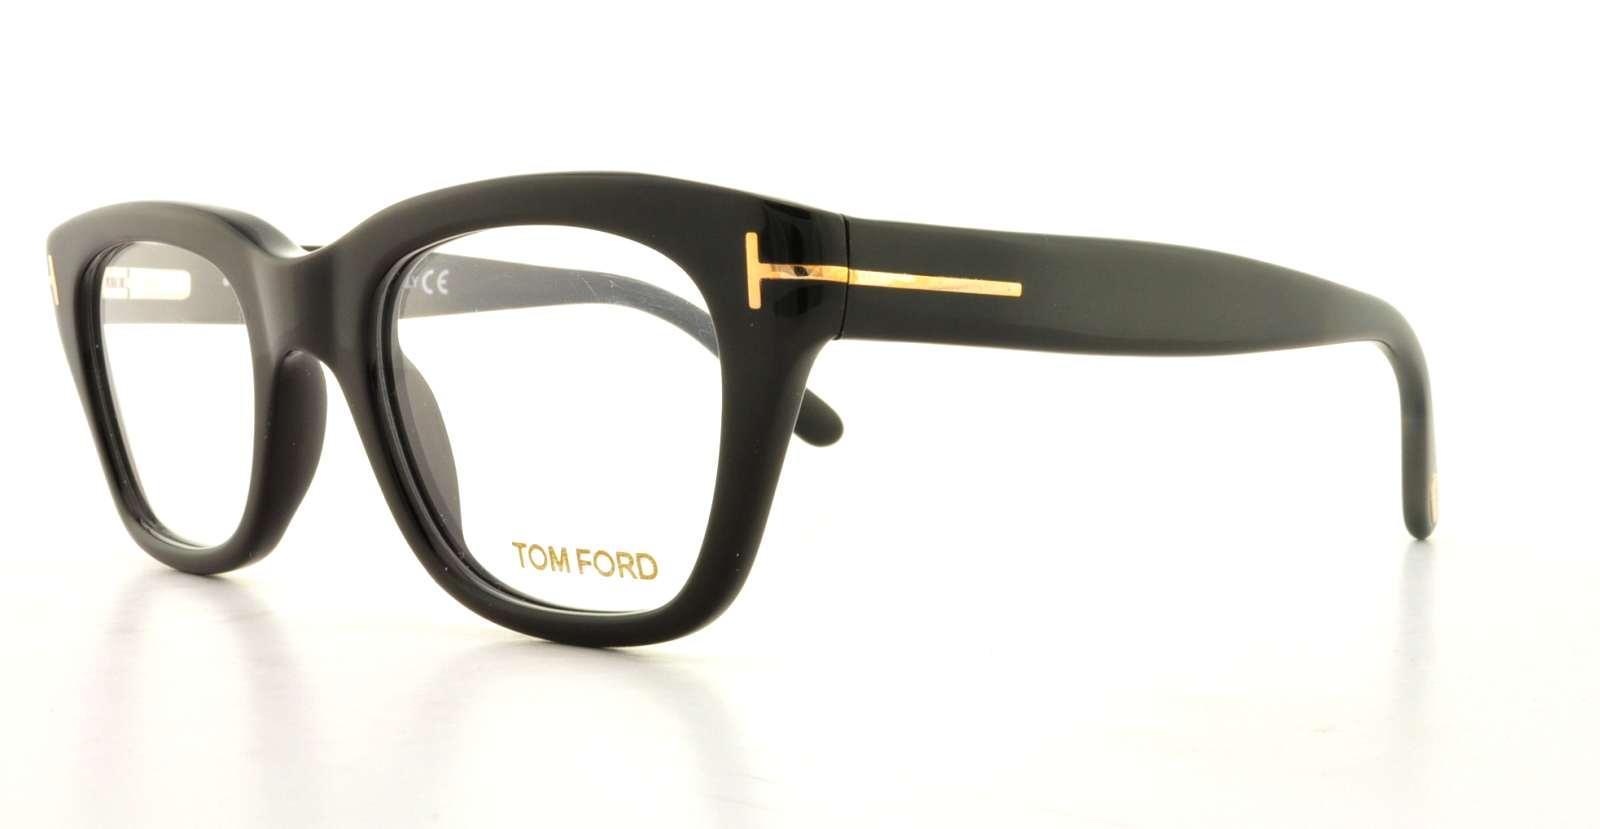 32a74460df Tom Ford Designer Eyeglasses - Best Glasses Cnapracticetesting.Com 2018